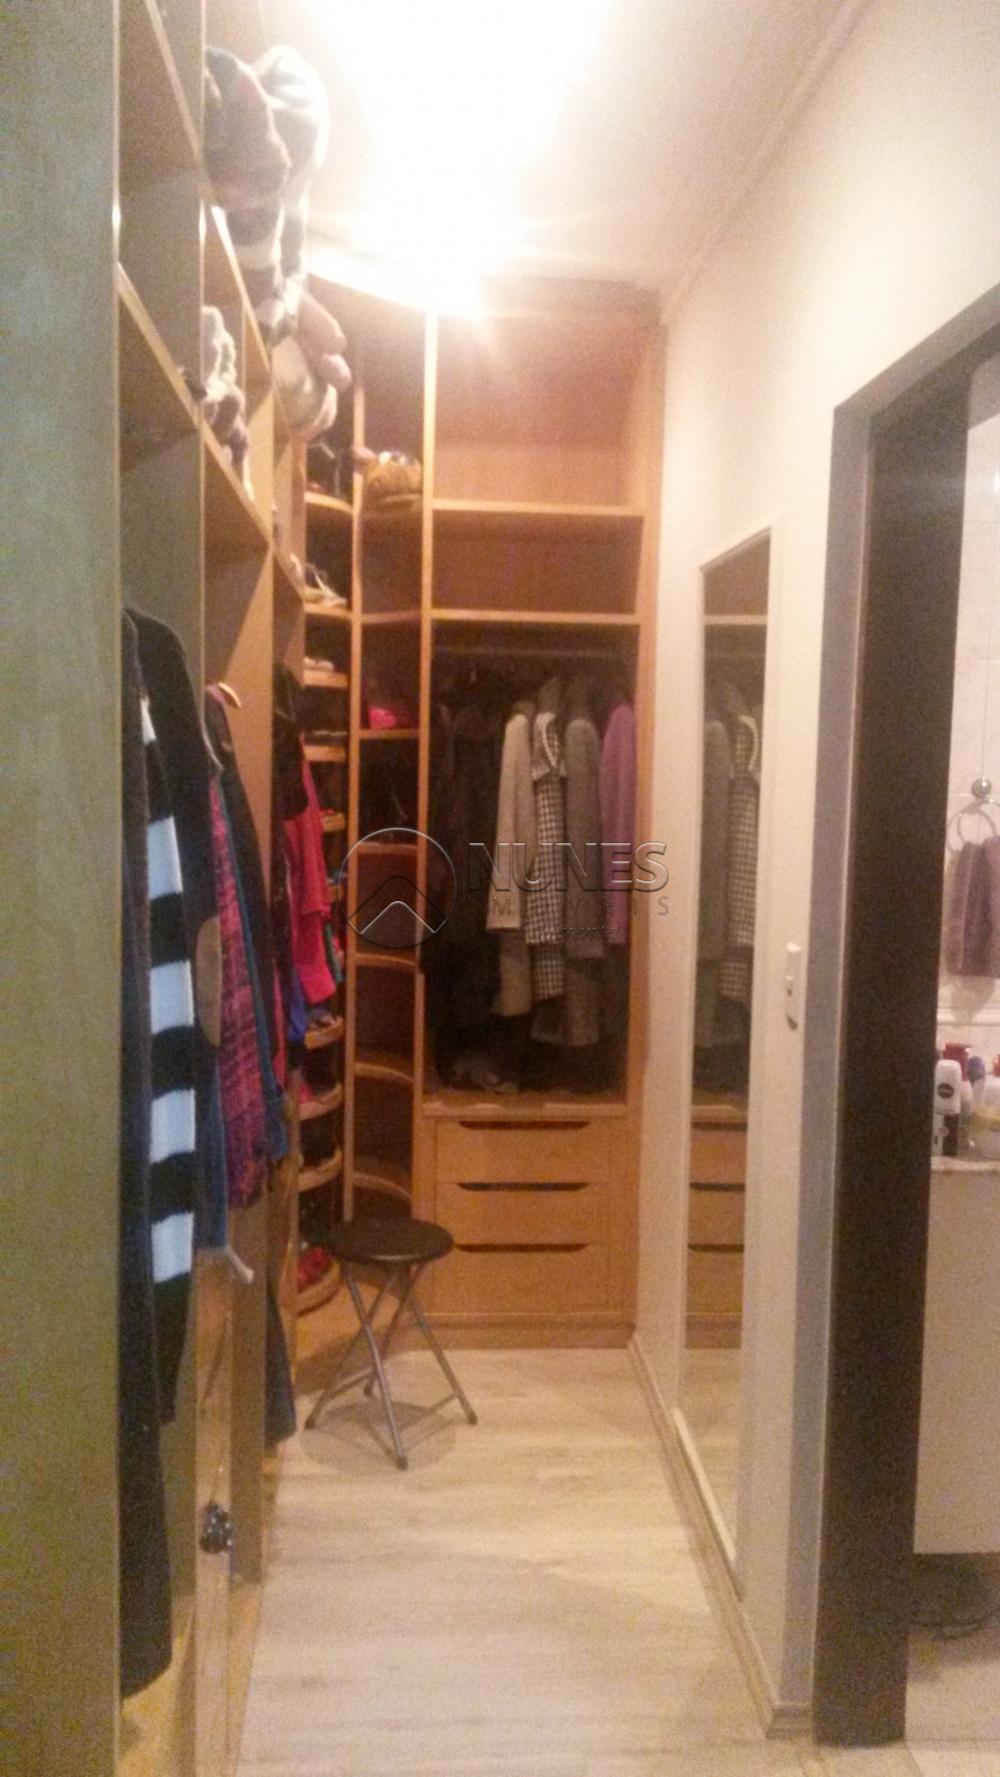 Sobrado de 2 dormitórios à venda em Vila Terezinha, Carapicuíba - SP